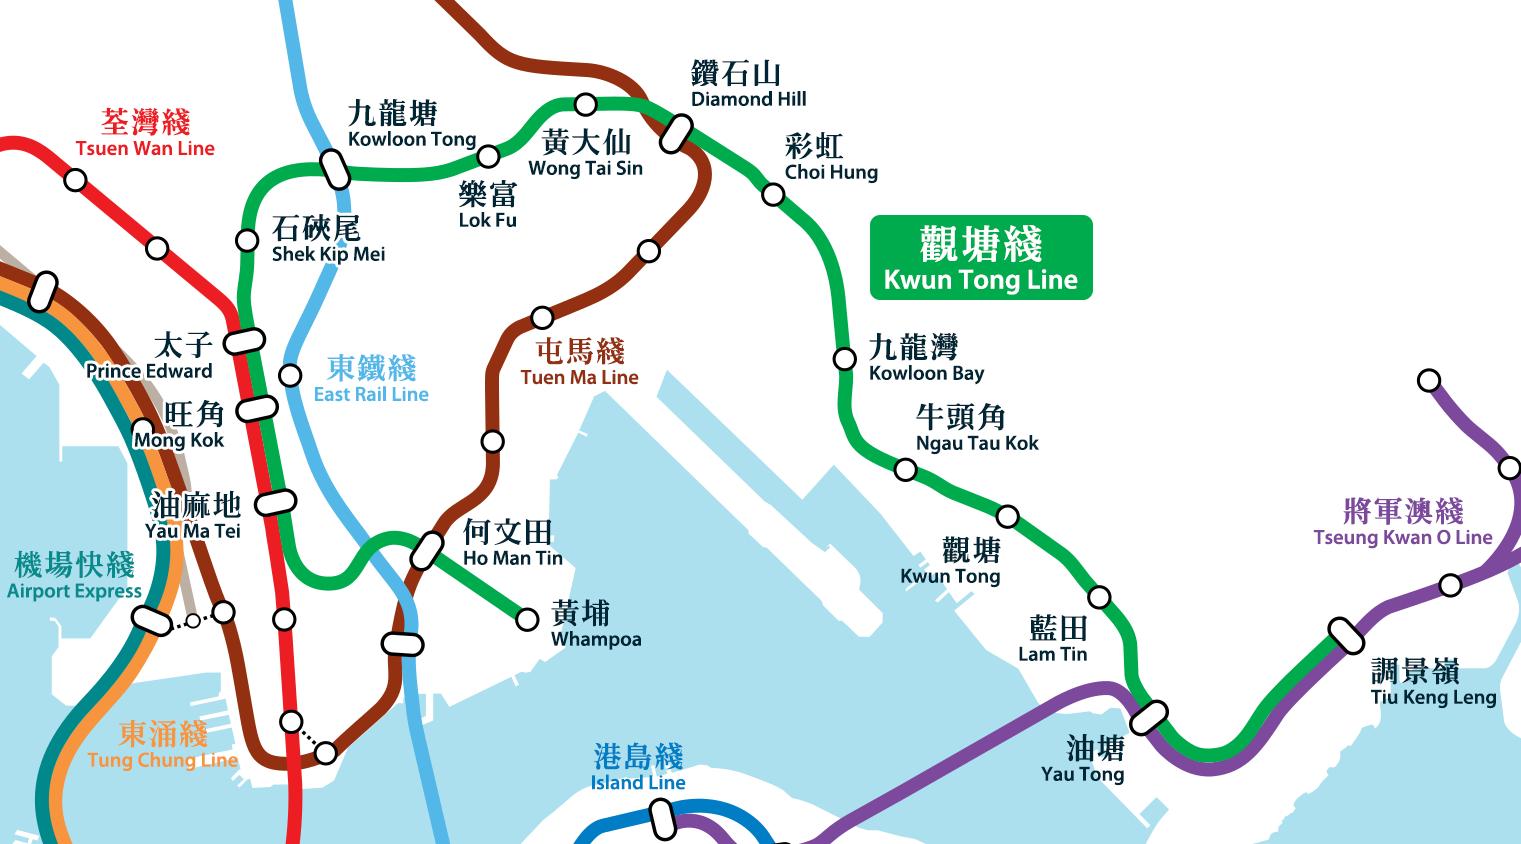 Kwun Tong line - Wikiwand Kowloon Bus Route Map on kowloon tong, manila bus route map, airport express, philadelphia bus route map, chai wan, frankfurt bus route map, rome bus route map, island line, stockholm bus route map, new york city bus route map, sham shui po, canada bus route map, orlando bus route map, causeway bay, mong kok, luxembourg bus route map, north point, athens bus route map, tsim sha tsui, lima bus route map, tsing yi, tsuen wan, jinan bus route map, sheung wan, wellington bus route map, abu dhabi bus route map, hong kong station, xian bus route map, tseung kwan o, singapore bus route map, zhuhai bus route map, osaka bus route map, qingdao bus route map, yau ma tei, guangzhou bus route map,